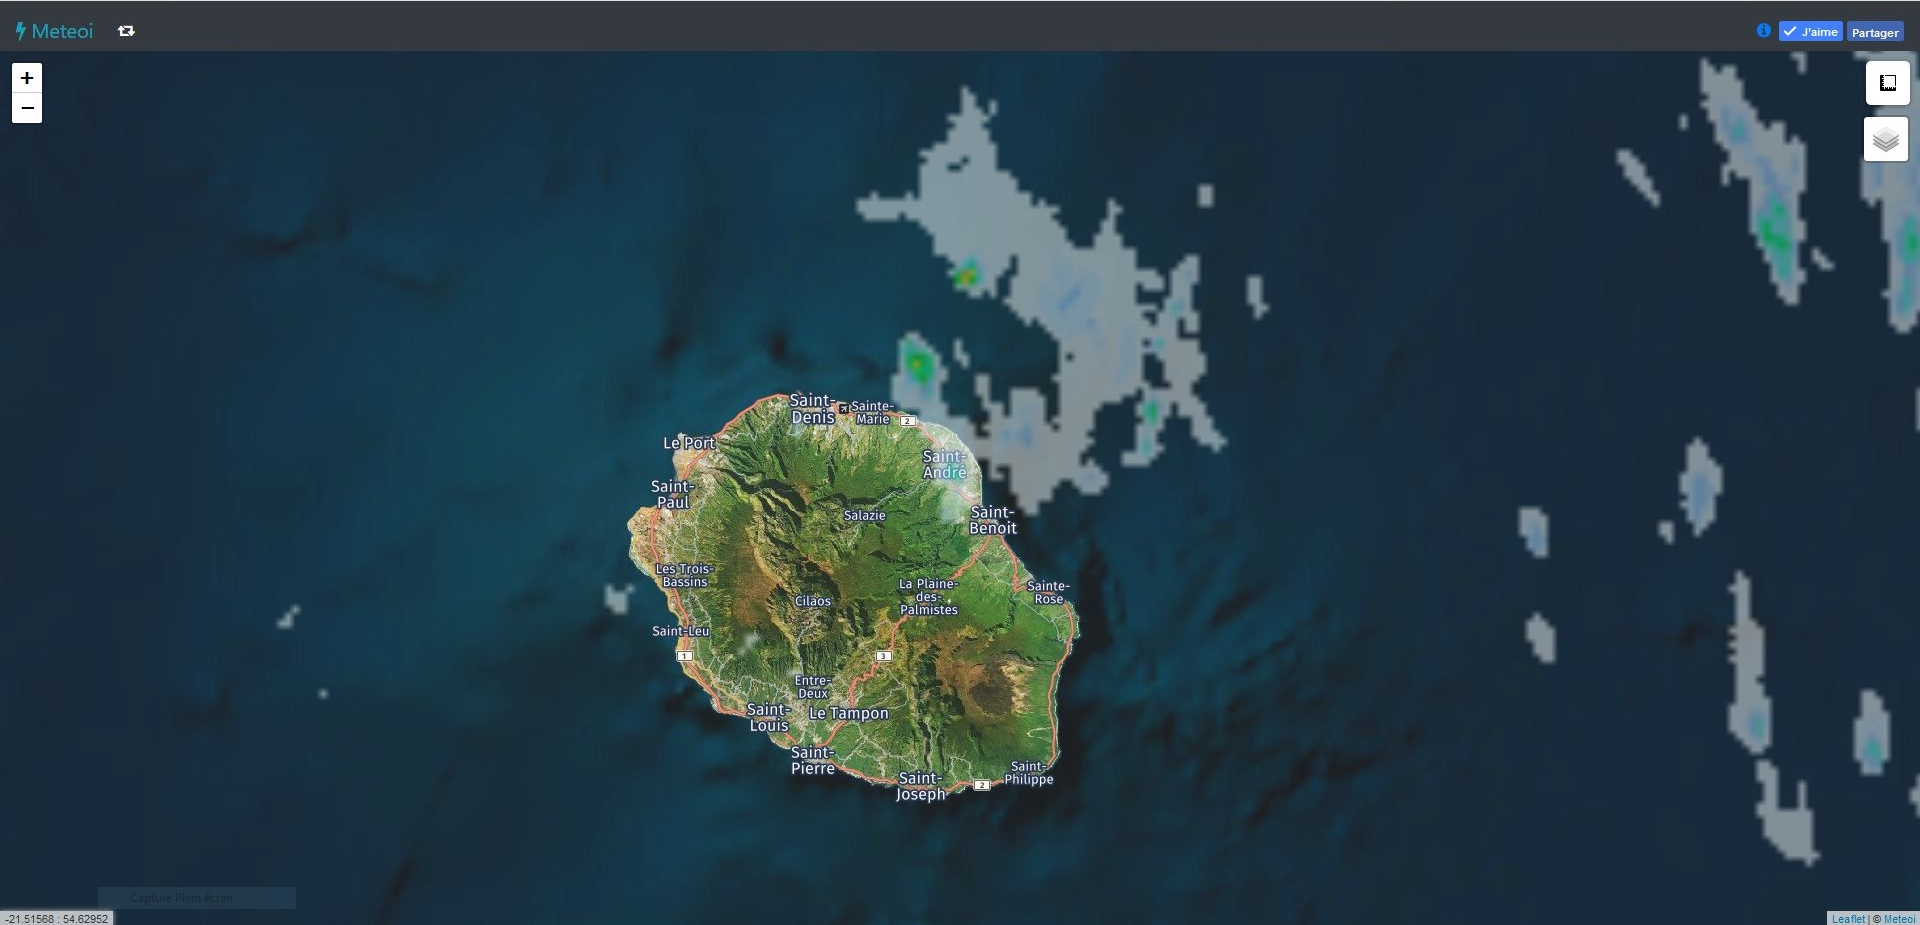 Radar de Météo France Réunion à 03h55. Crédit https://www.meteoi.re/